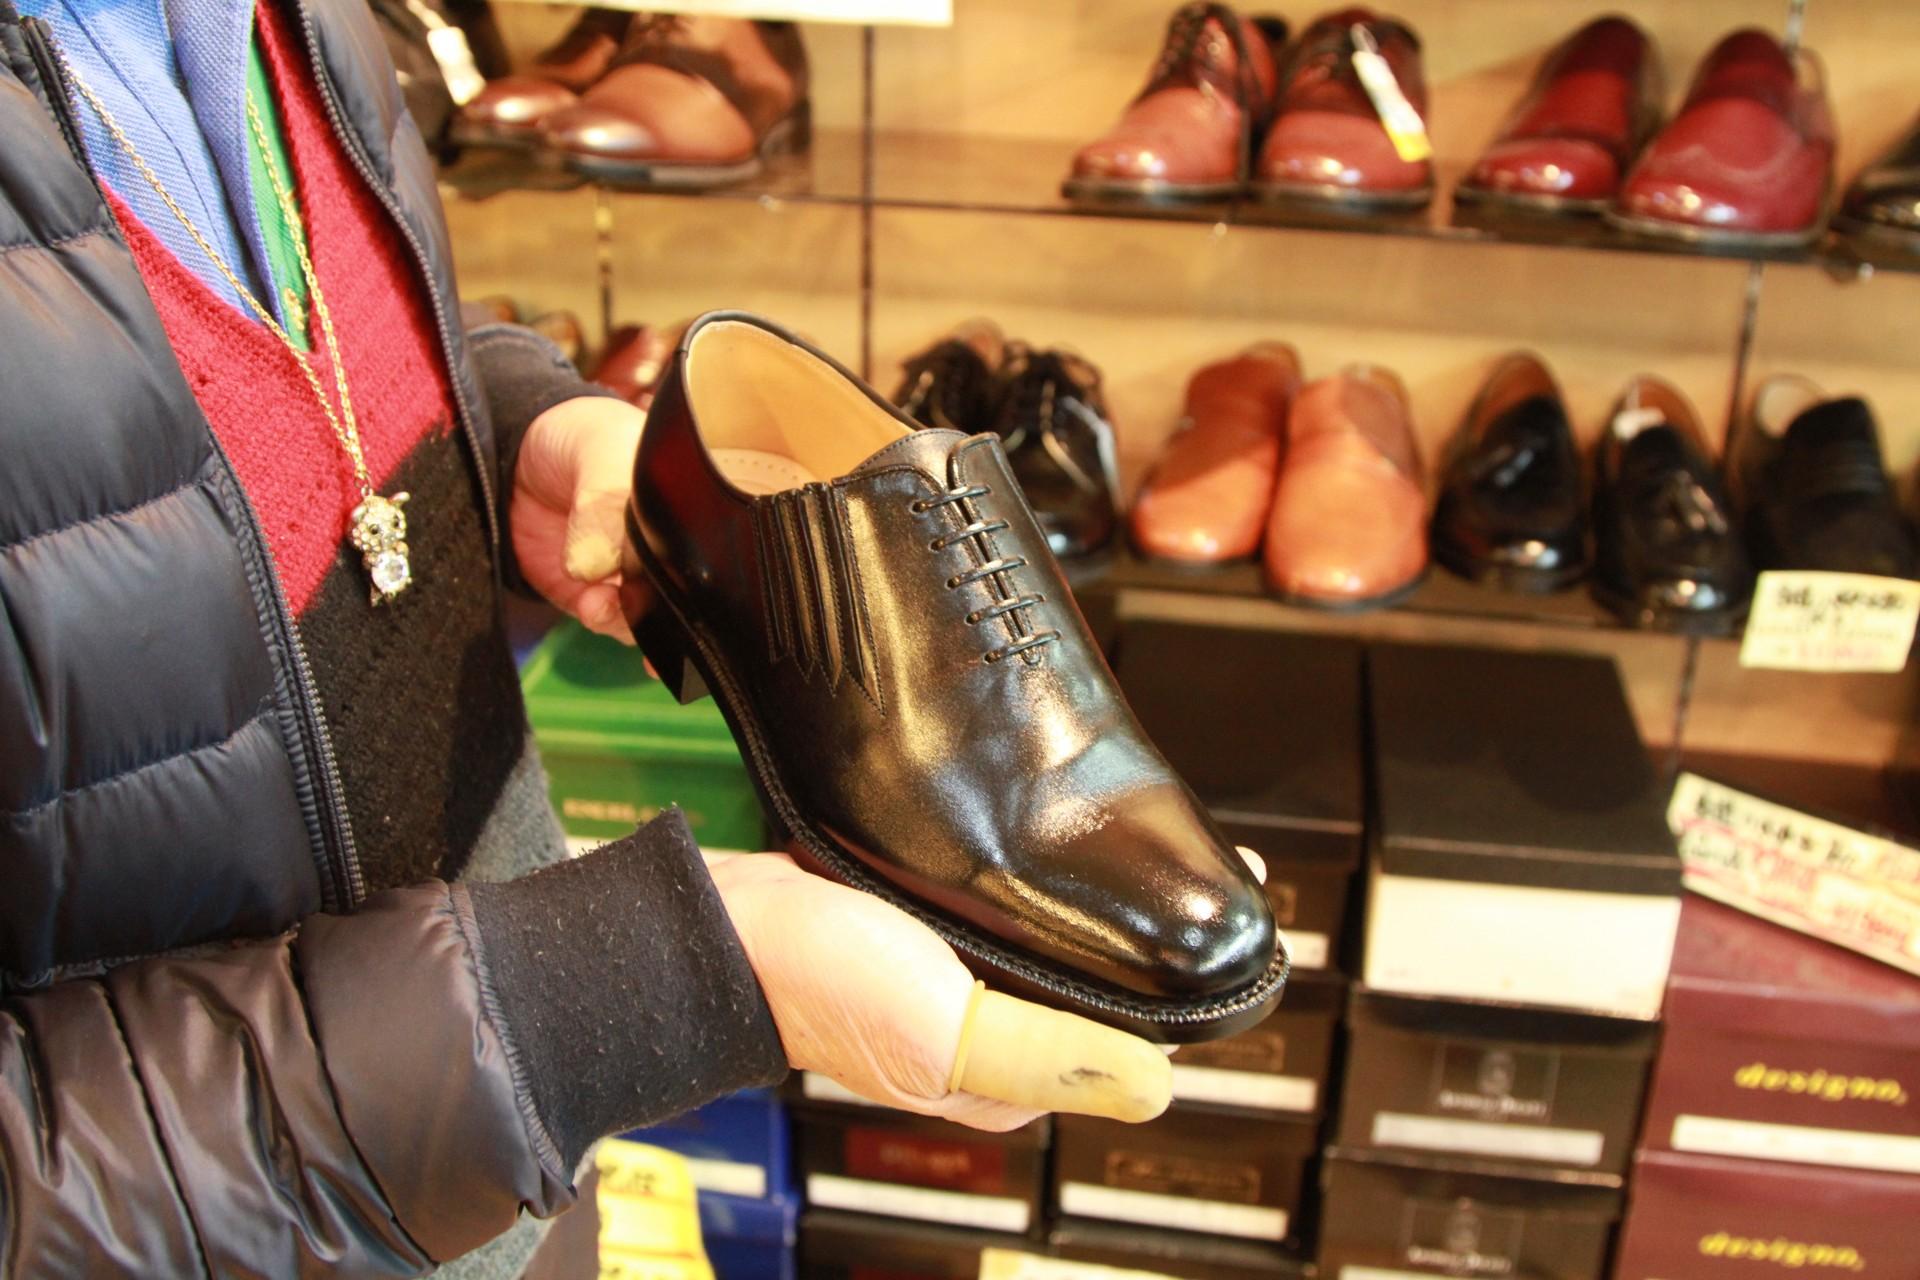 紳士用の特別オーダー革靴は、鶴さんオススメの品質のもので3万5,000円~。履きやすさも抜群です。